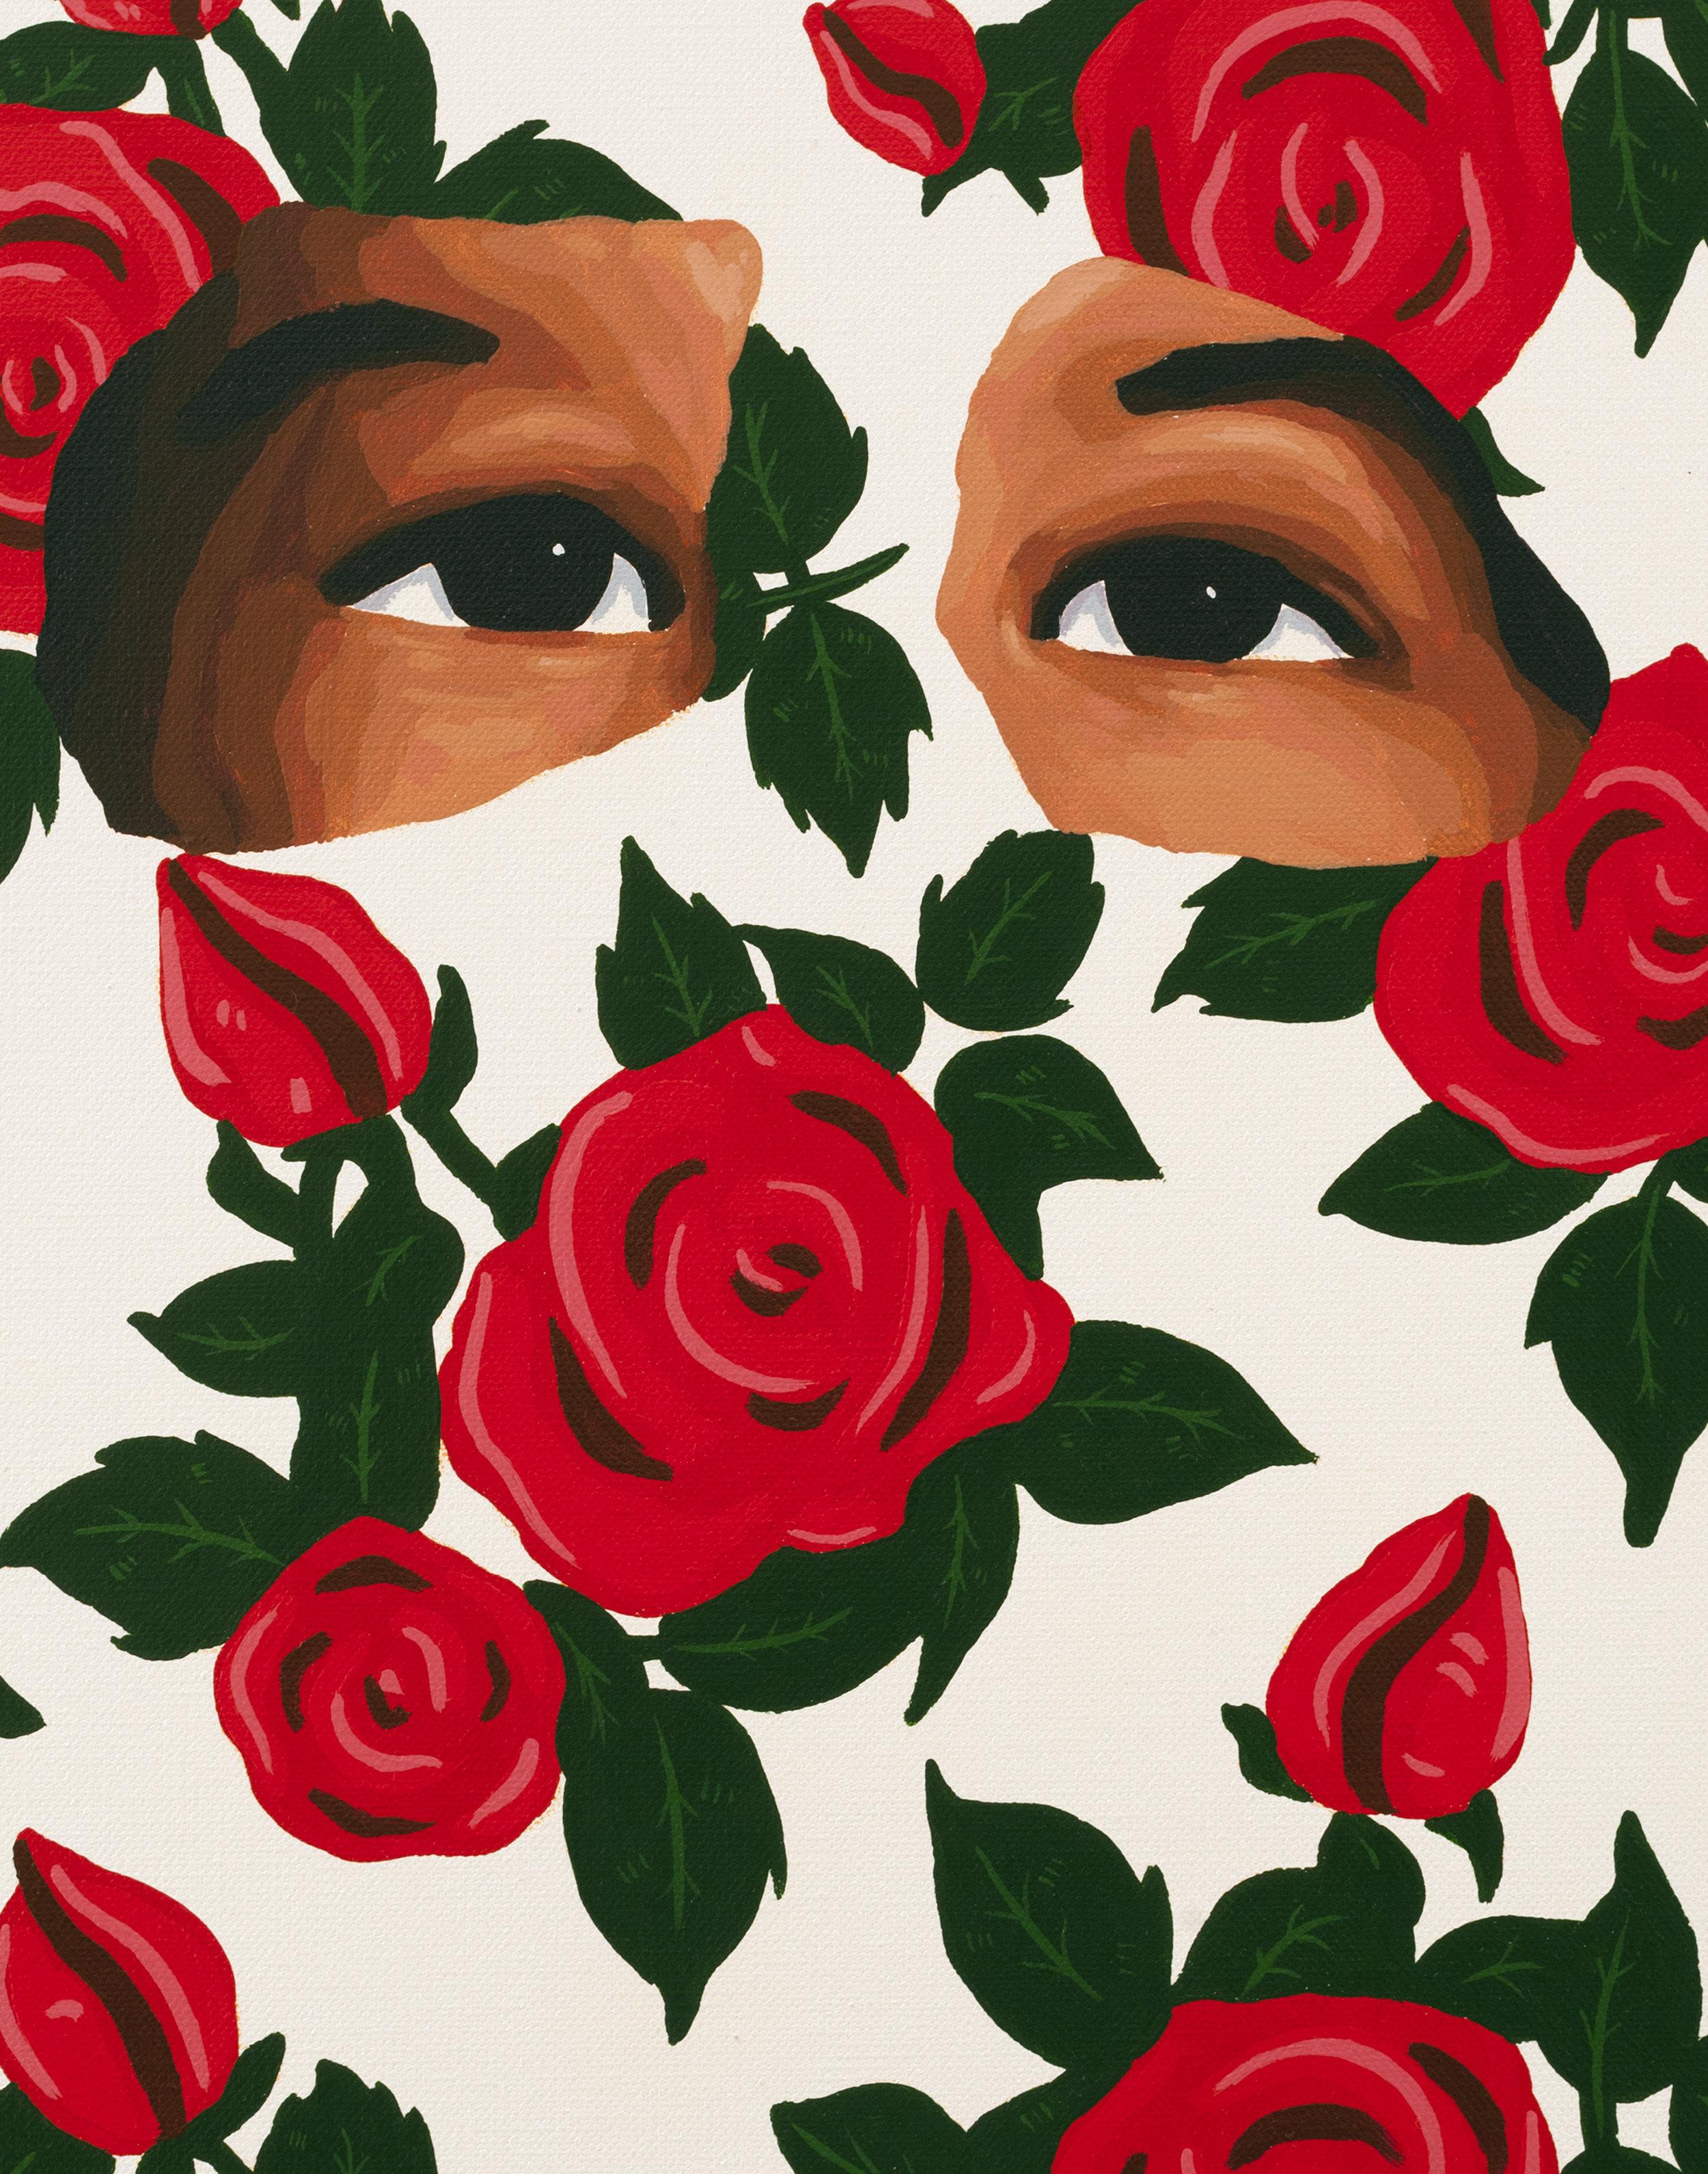 Grandma's Roses